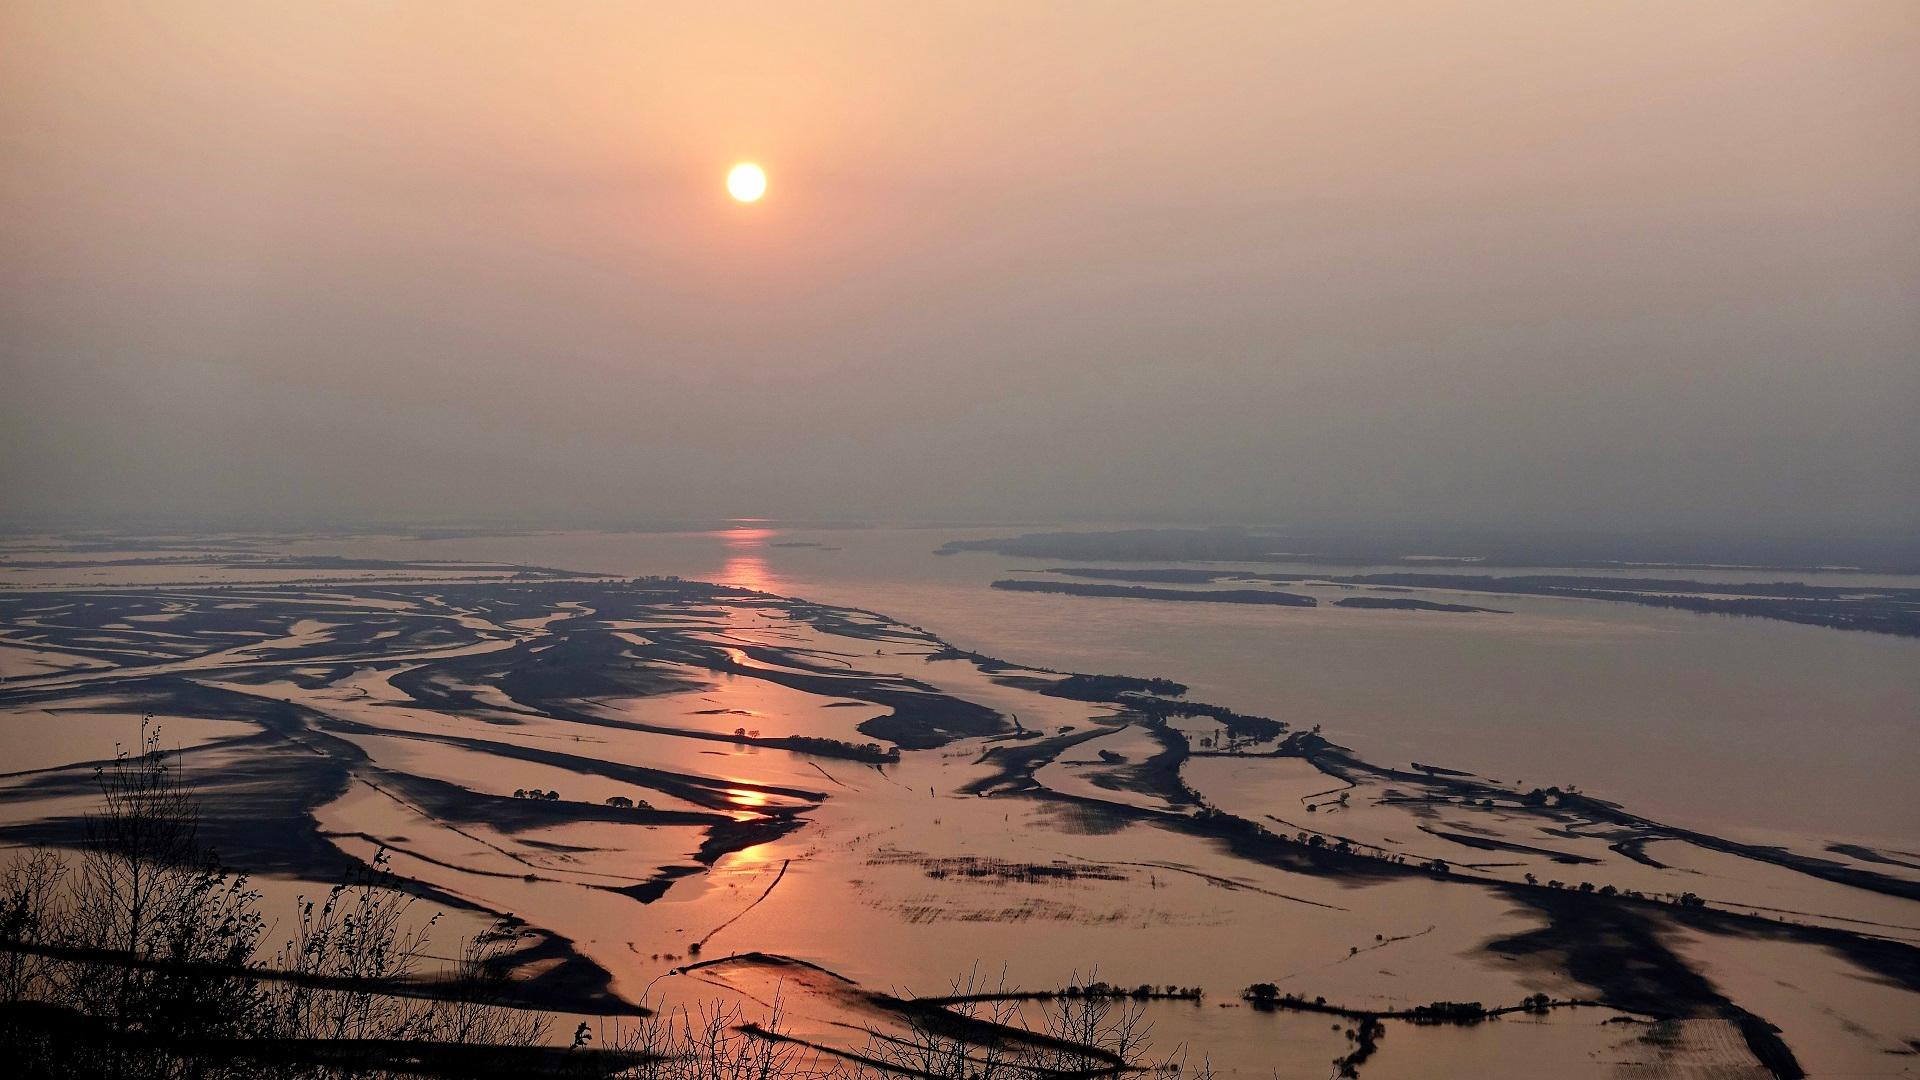 黑龙江东部之旅(1):同江、黑瞎子岛、抚远、饶河、珍宝岛、虎头、兴凯湖